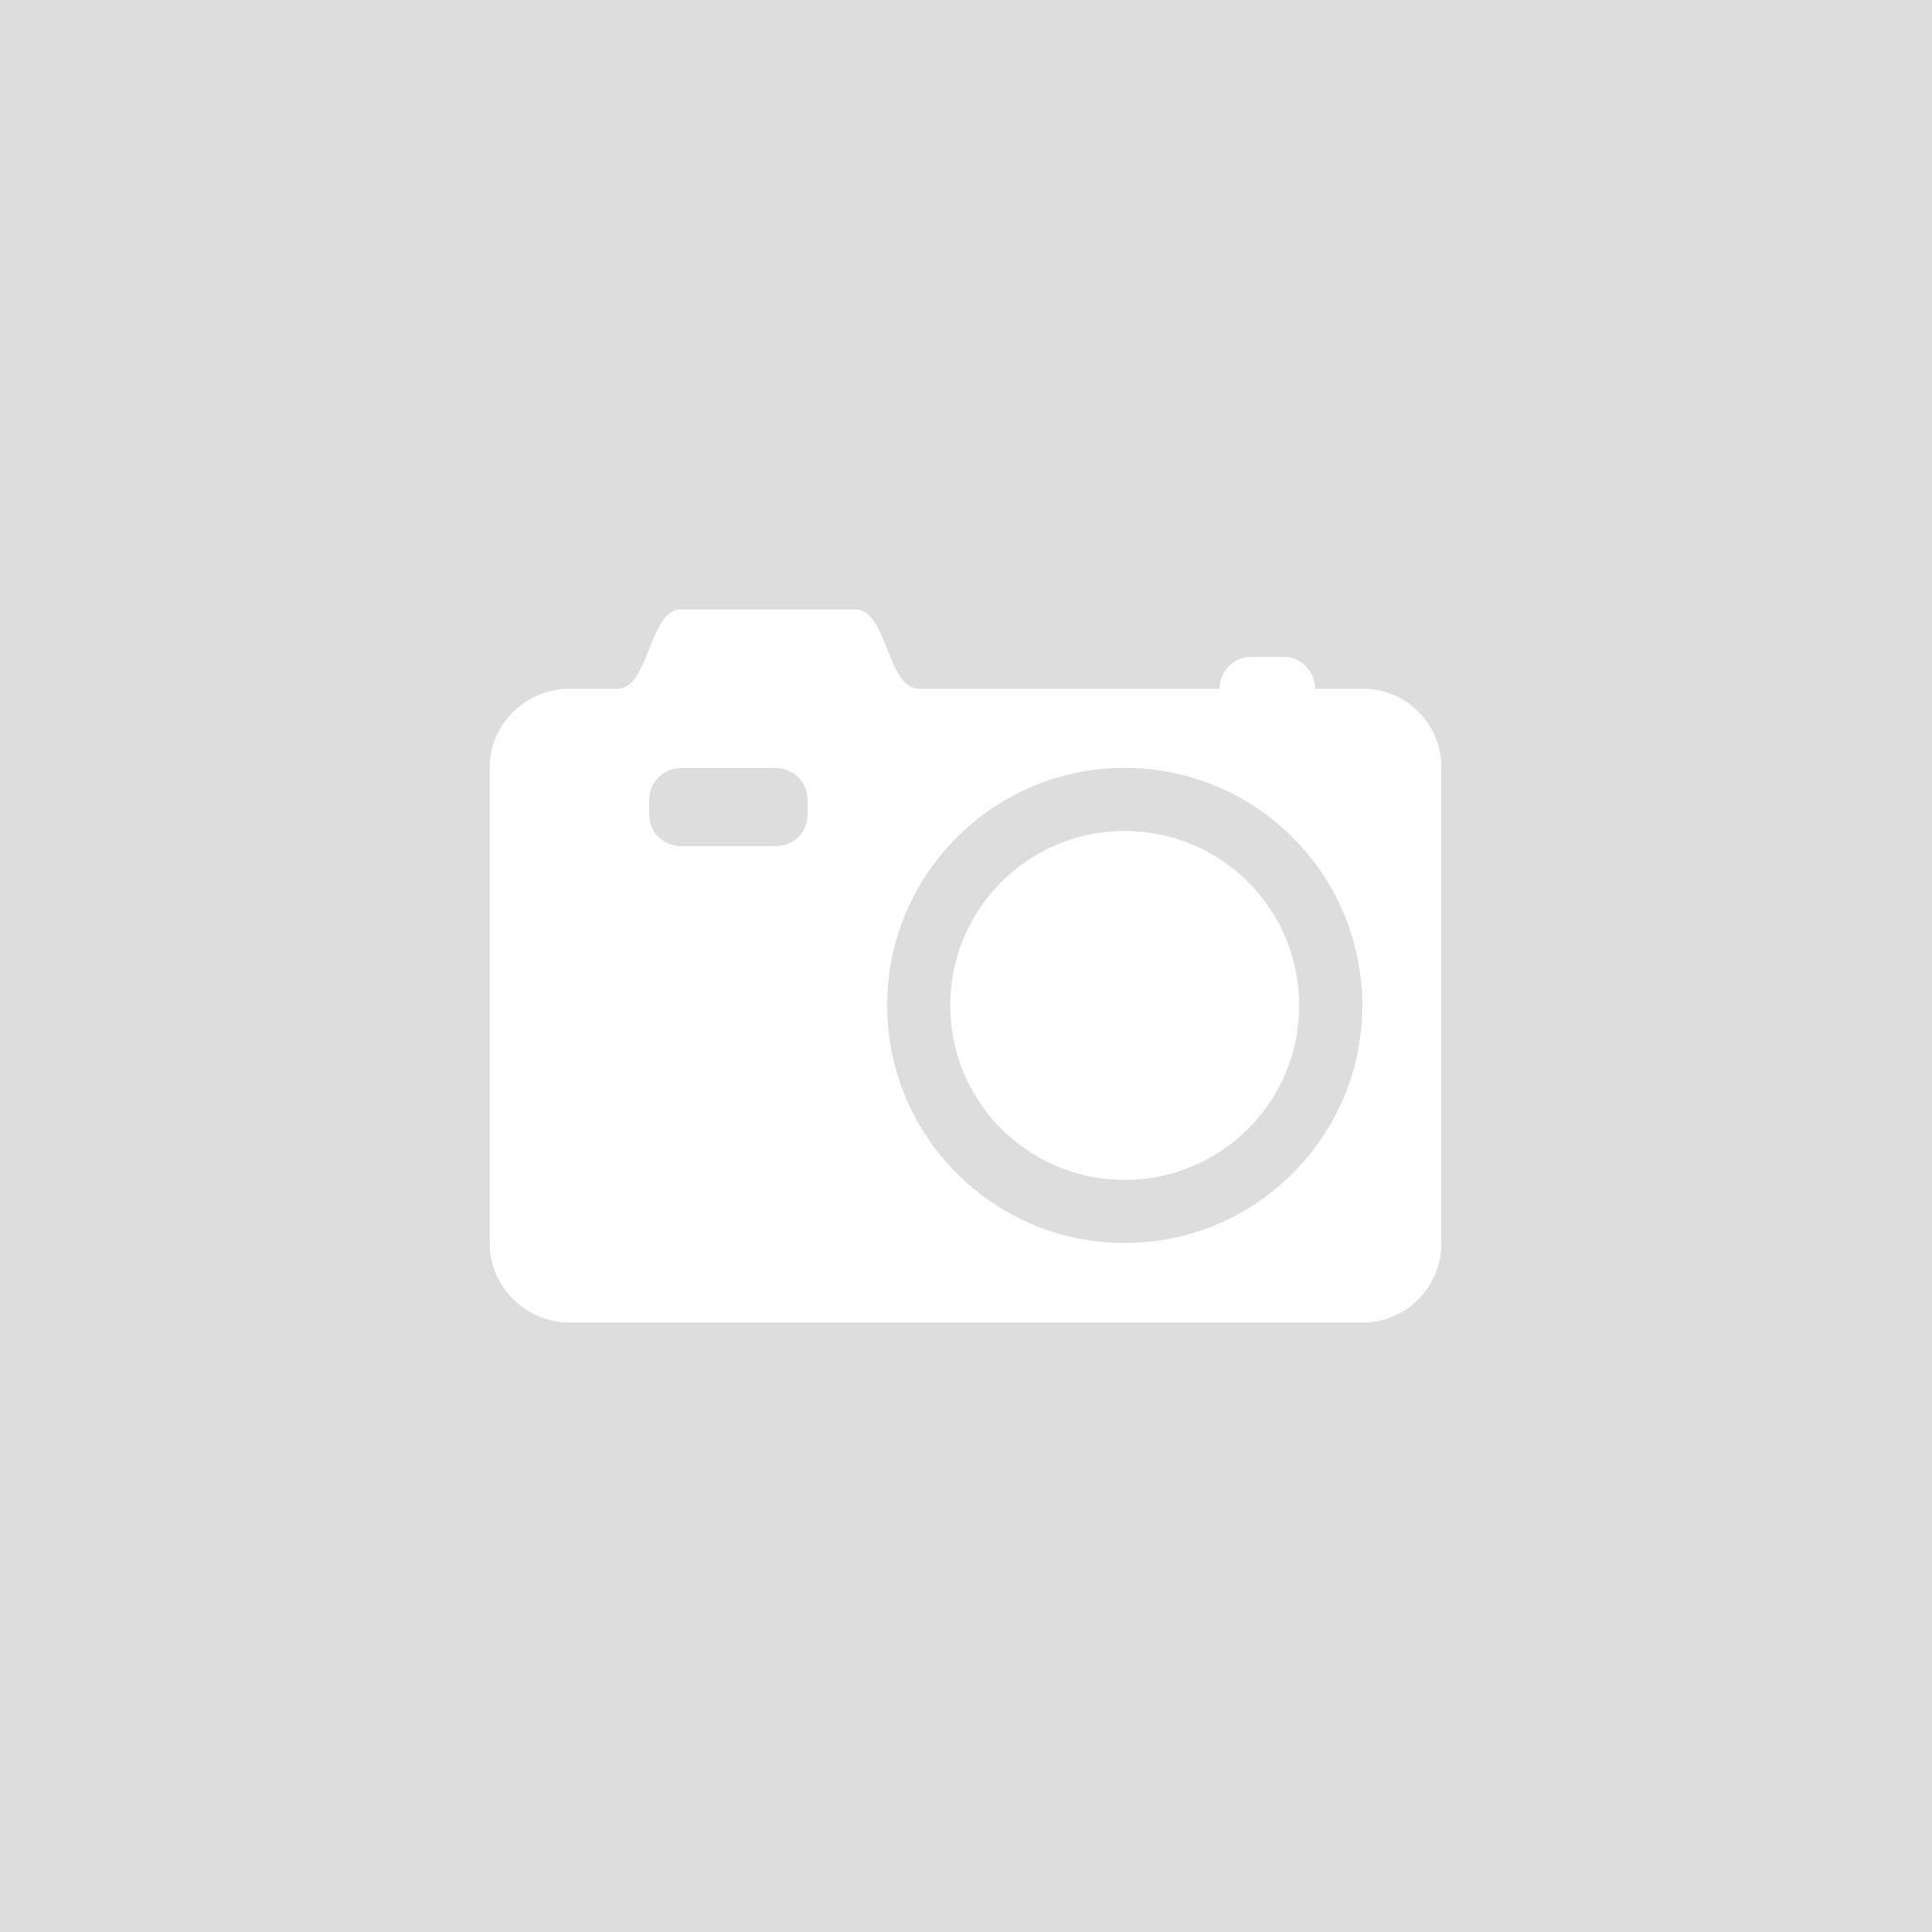 Ivy & Ferns Beige / Brown Contour Wallpaper by Rasch 824810